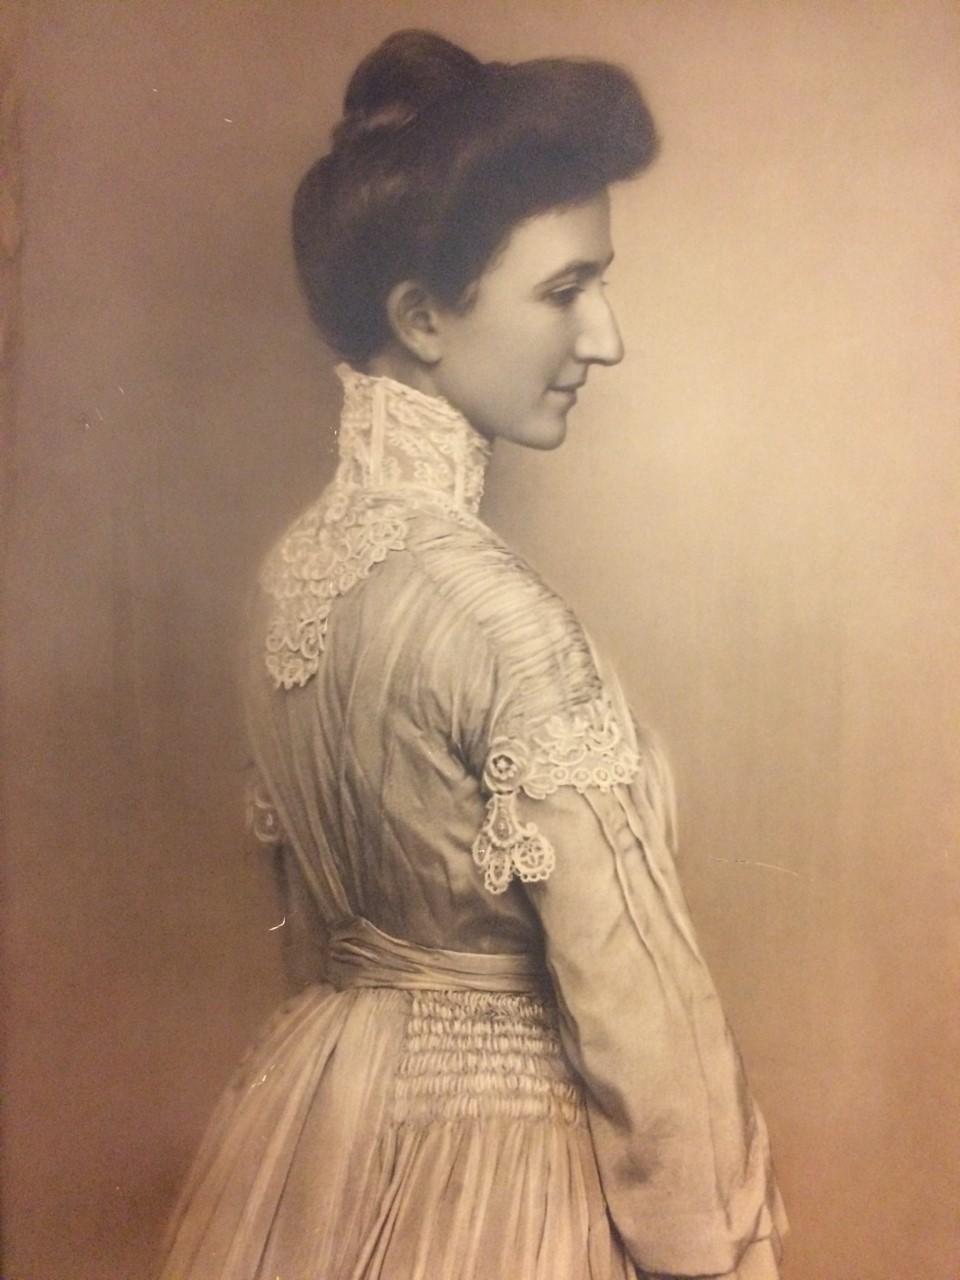 Frances K. Schroeder. Courtesy of Schroeder's Department Store.